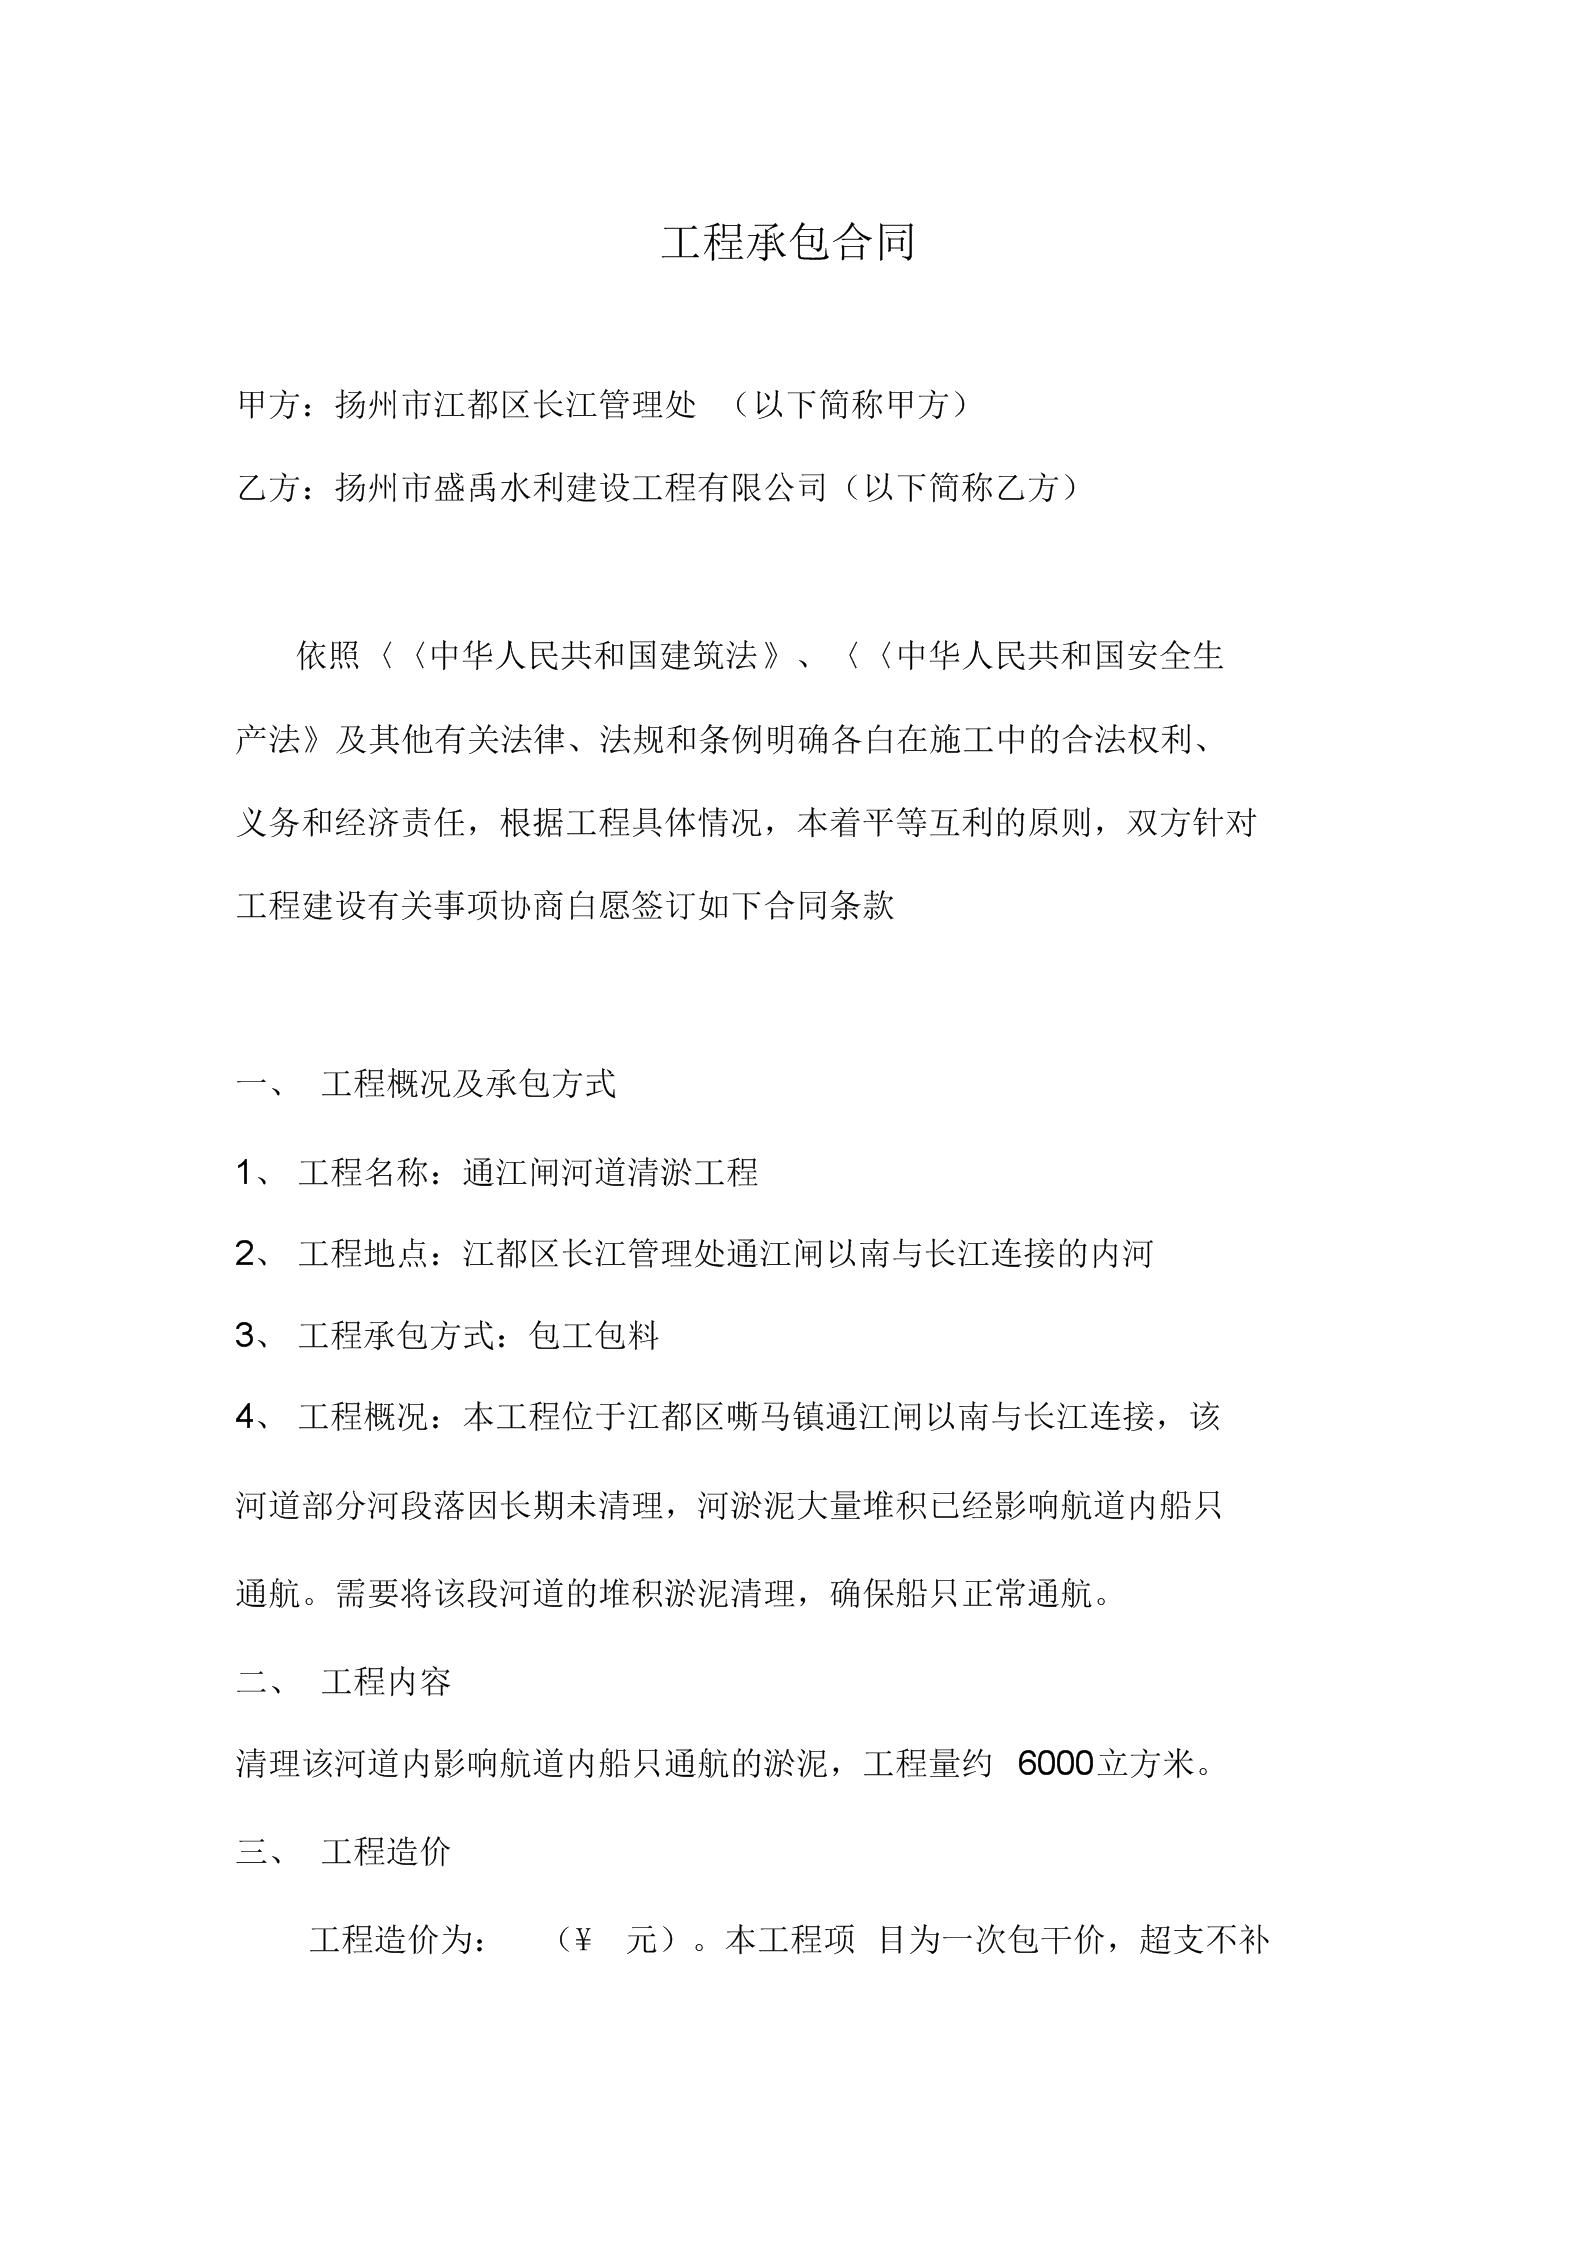 清淤工程施工合同(20200806091851).docx